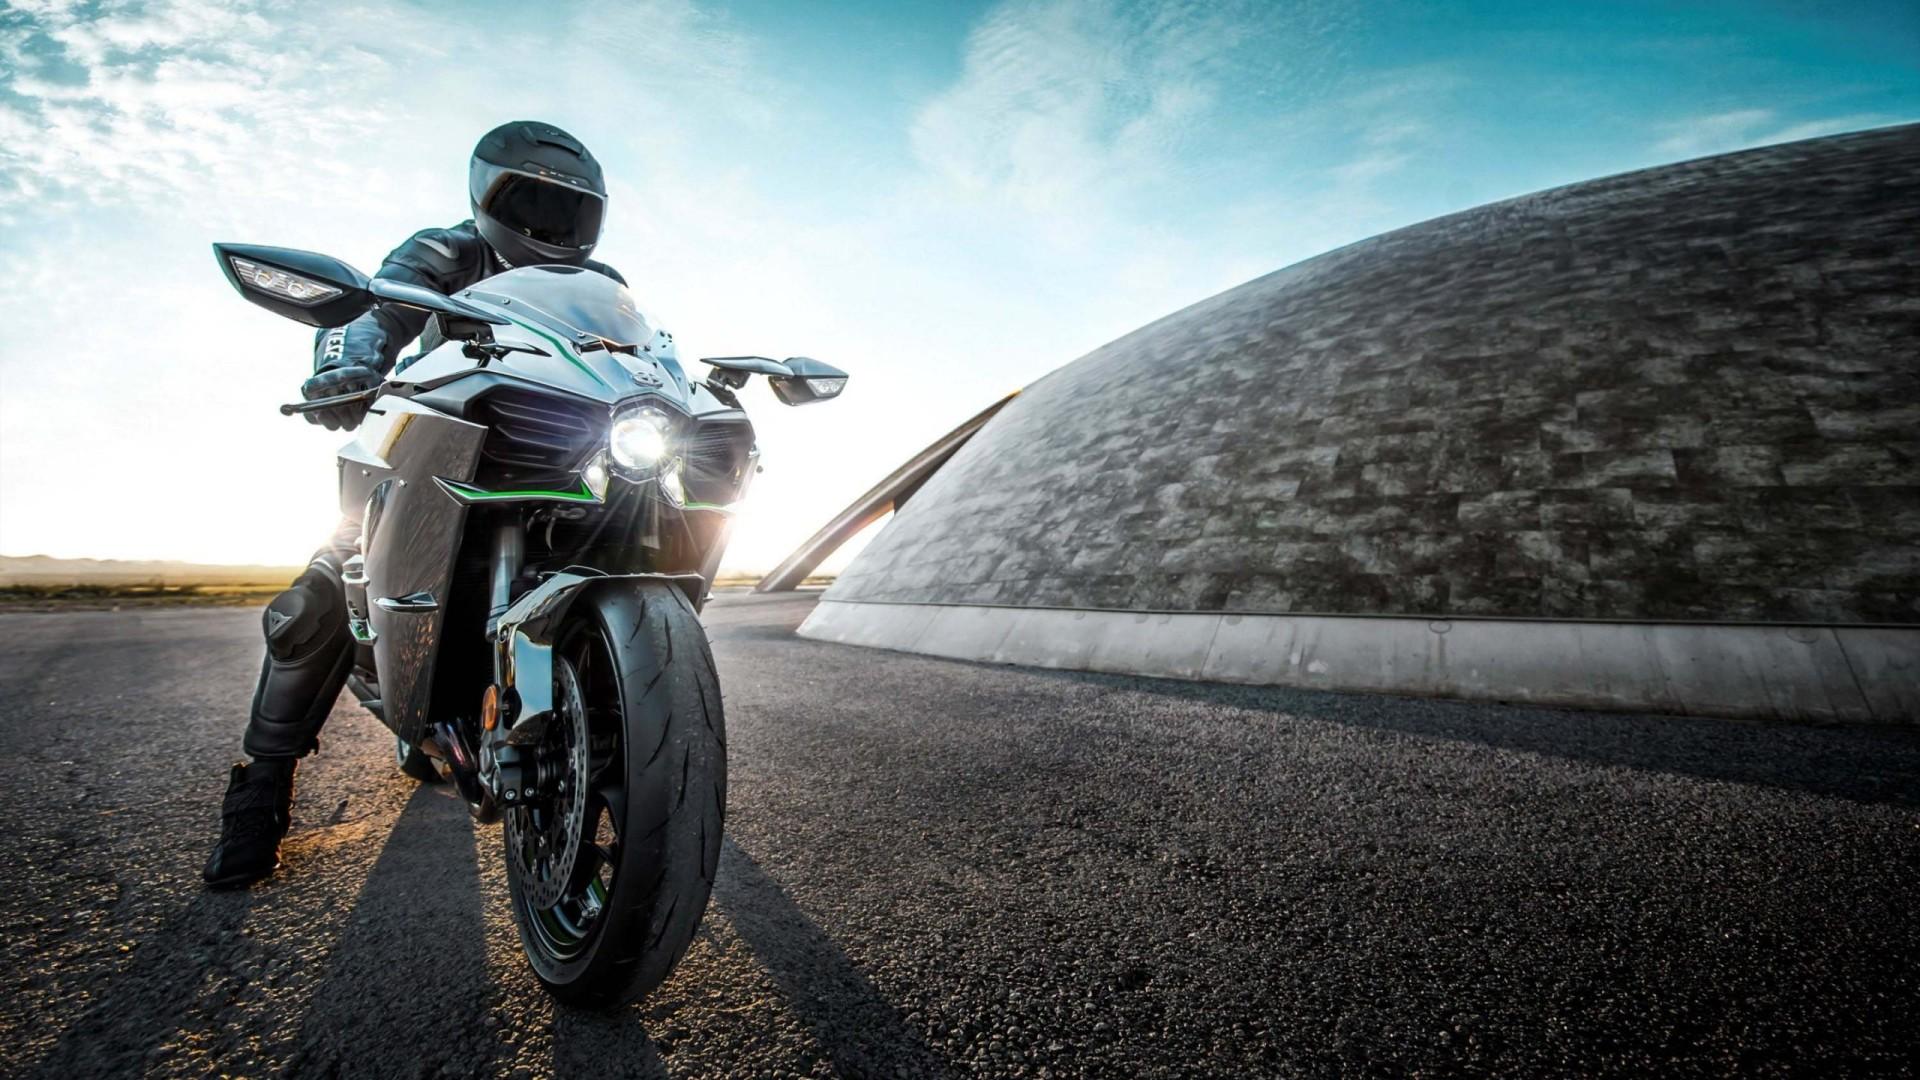 UKMOTO IMPORTATION MOTO ANGLETERRE 4 motorcycle 15 - importateur moto estimation en ligne ukmoto